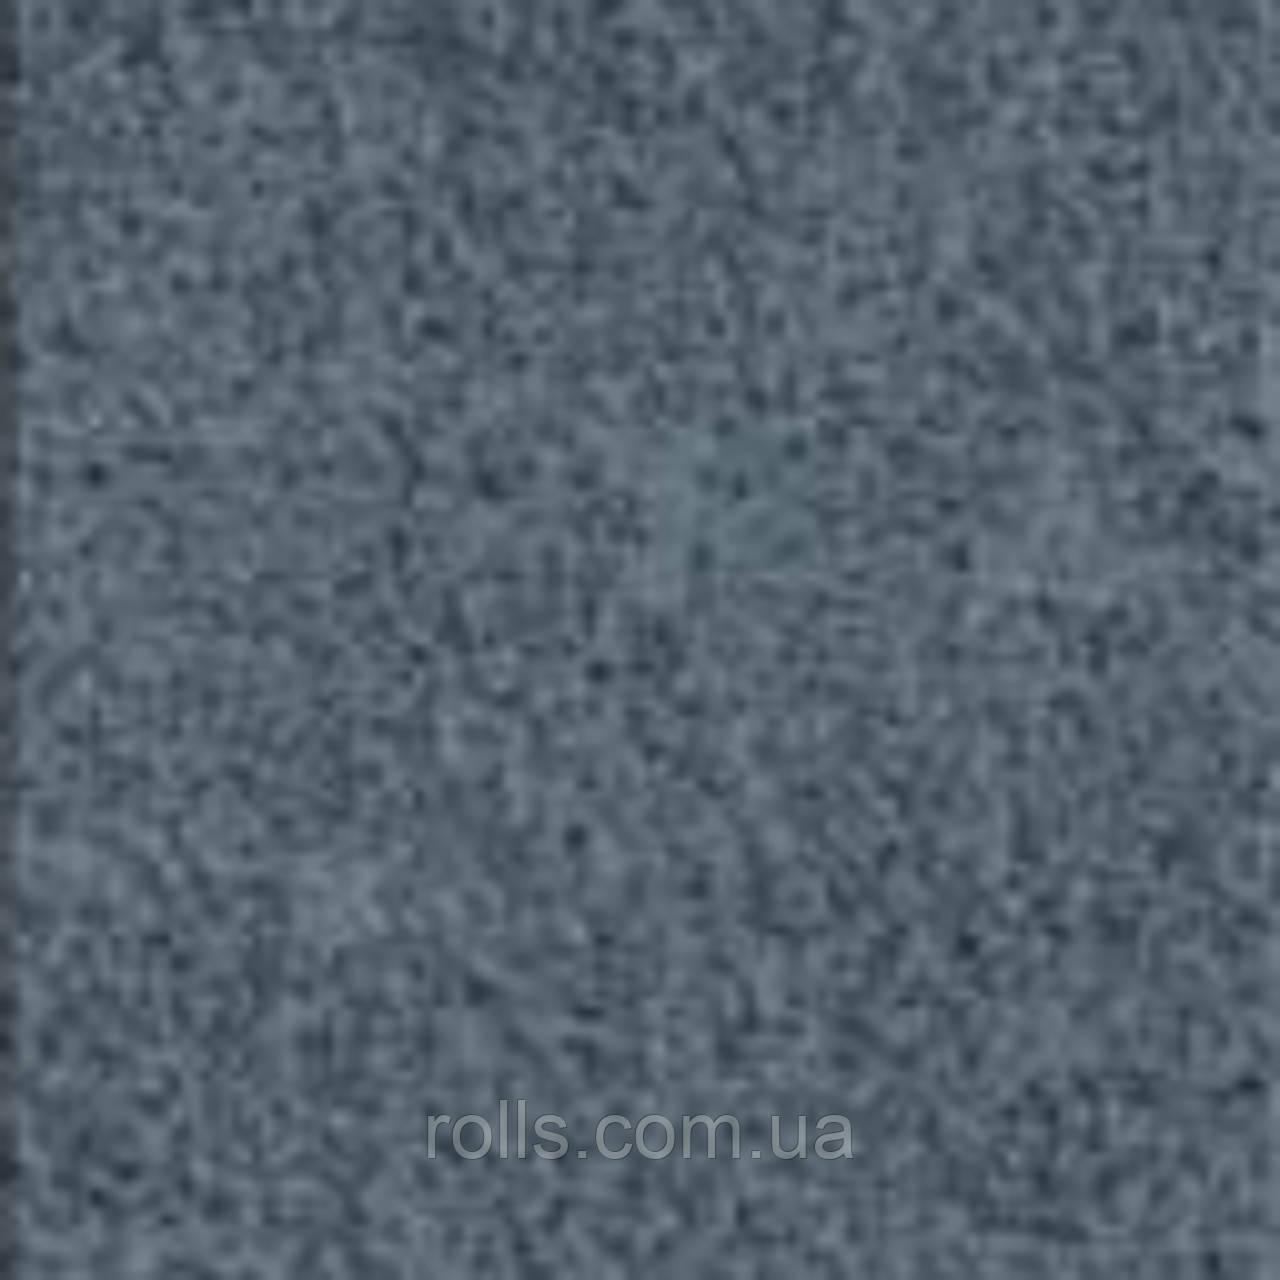 """Алюминиевый плоский лист Prefalz P.10 №43 STEINGRAU """"Гранит"""" """"STONE GRAY"""" 0,7х1000х2000мм"""